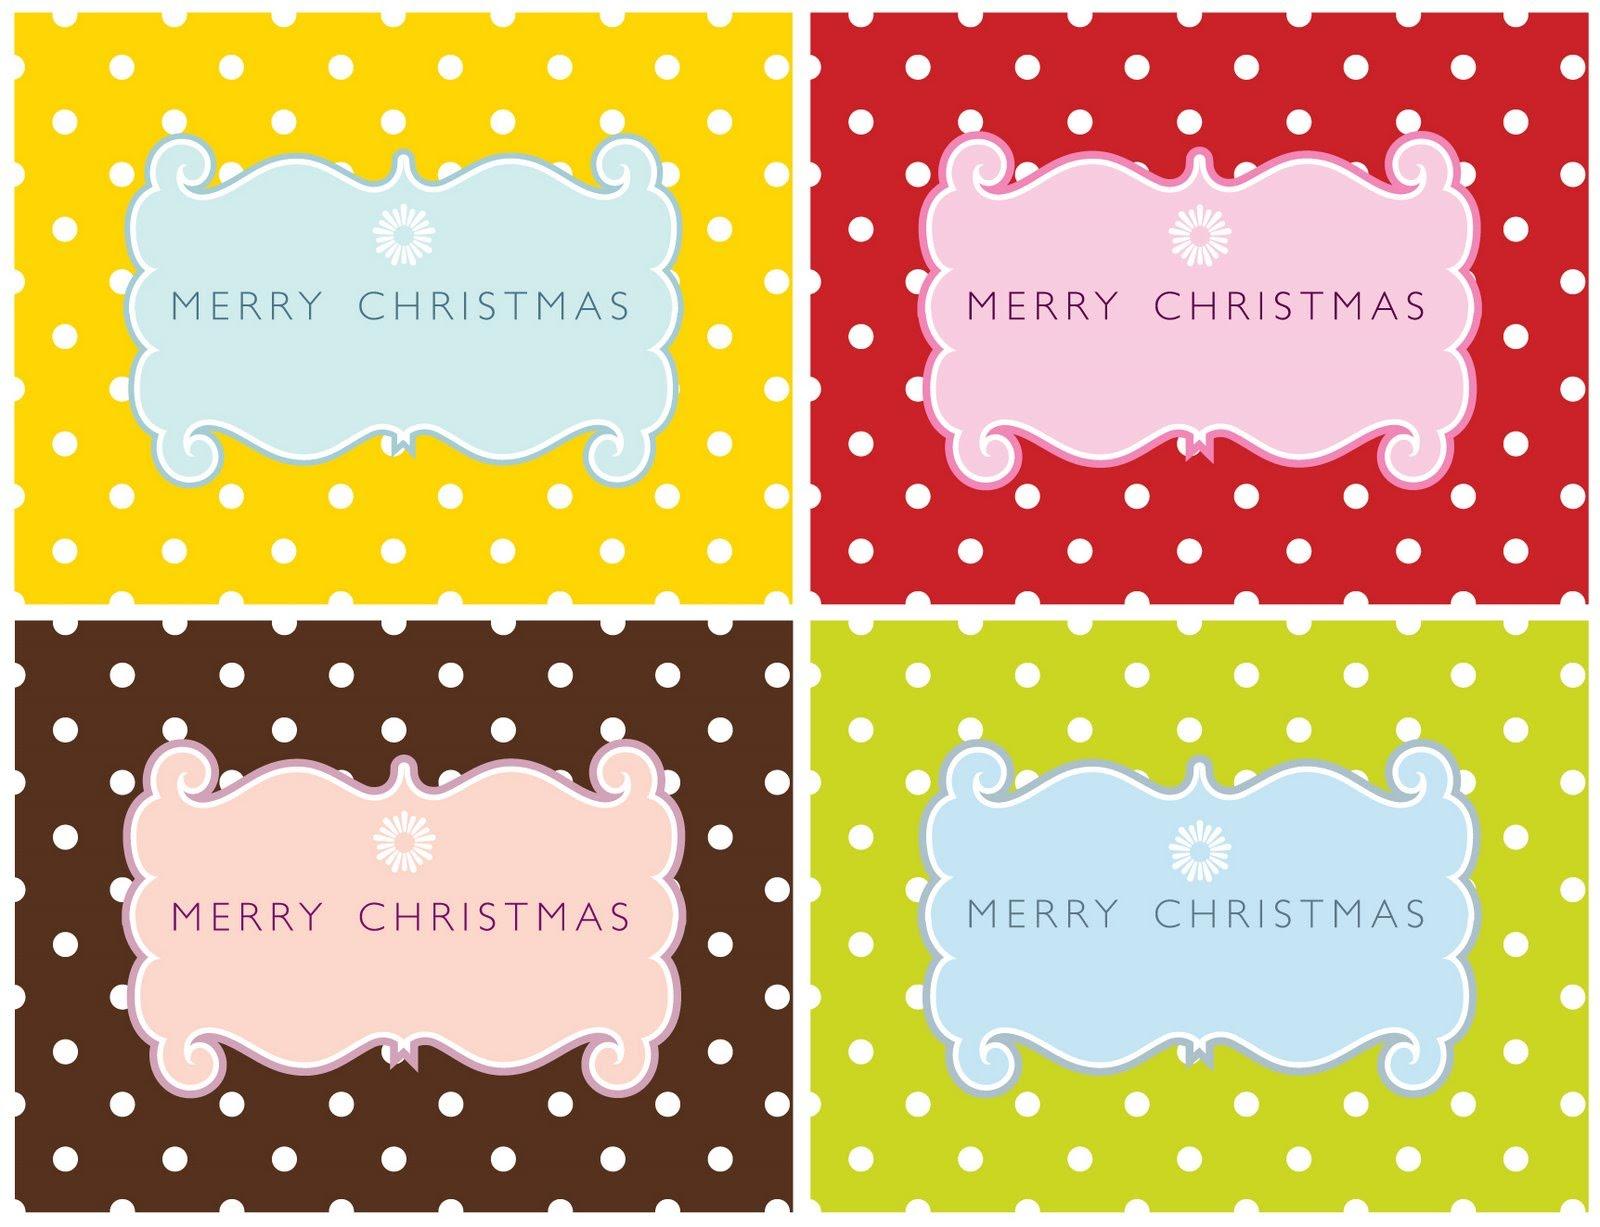 24 days of christmas day 7 free christmas printables